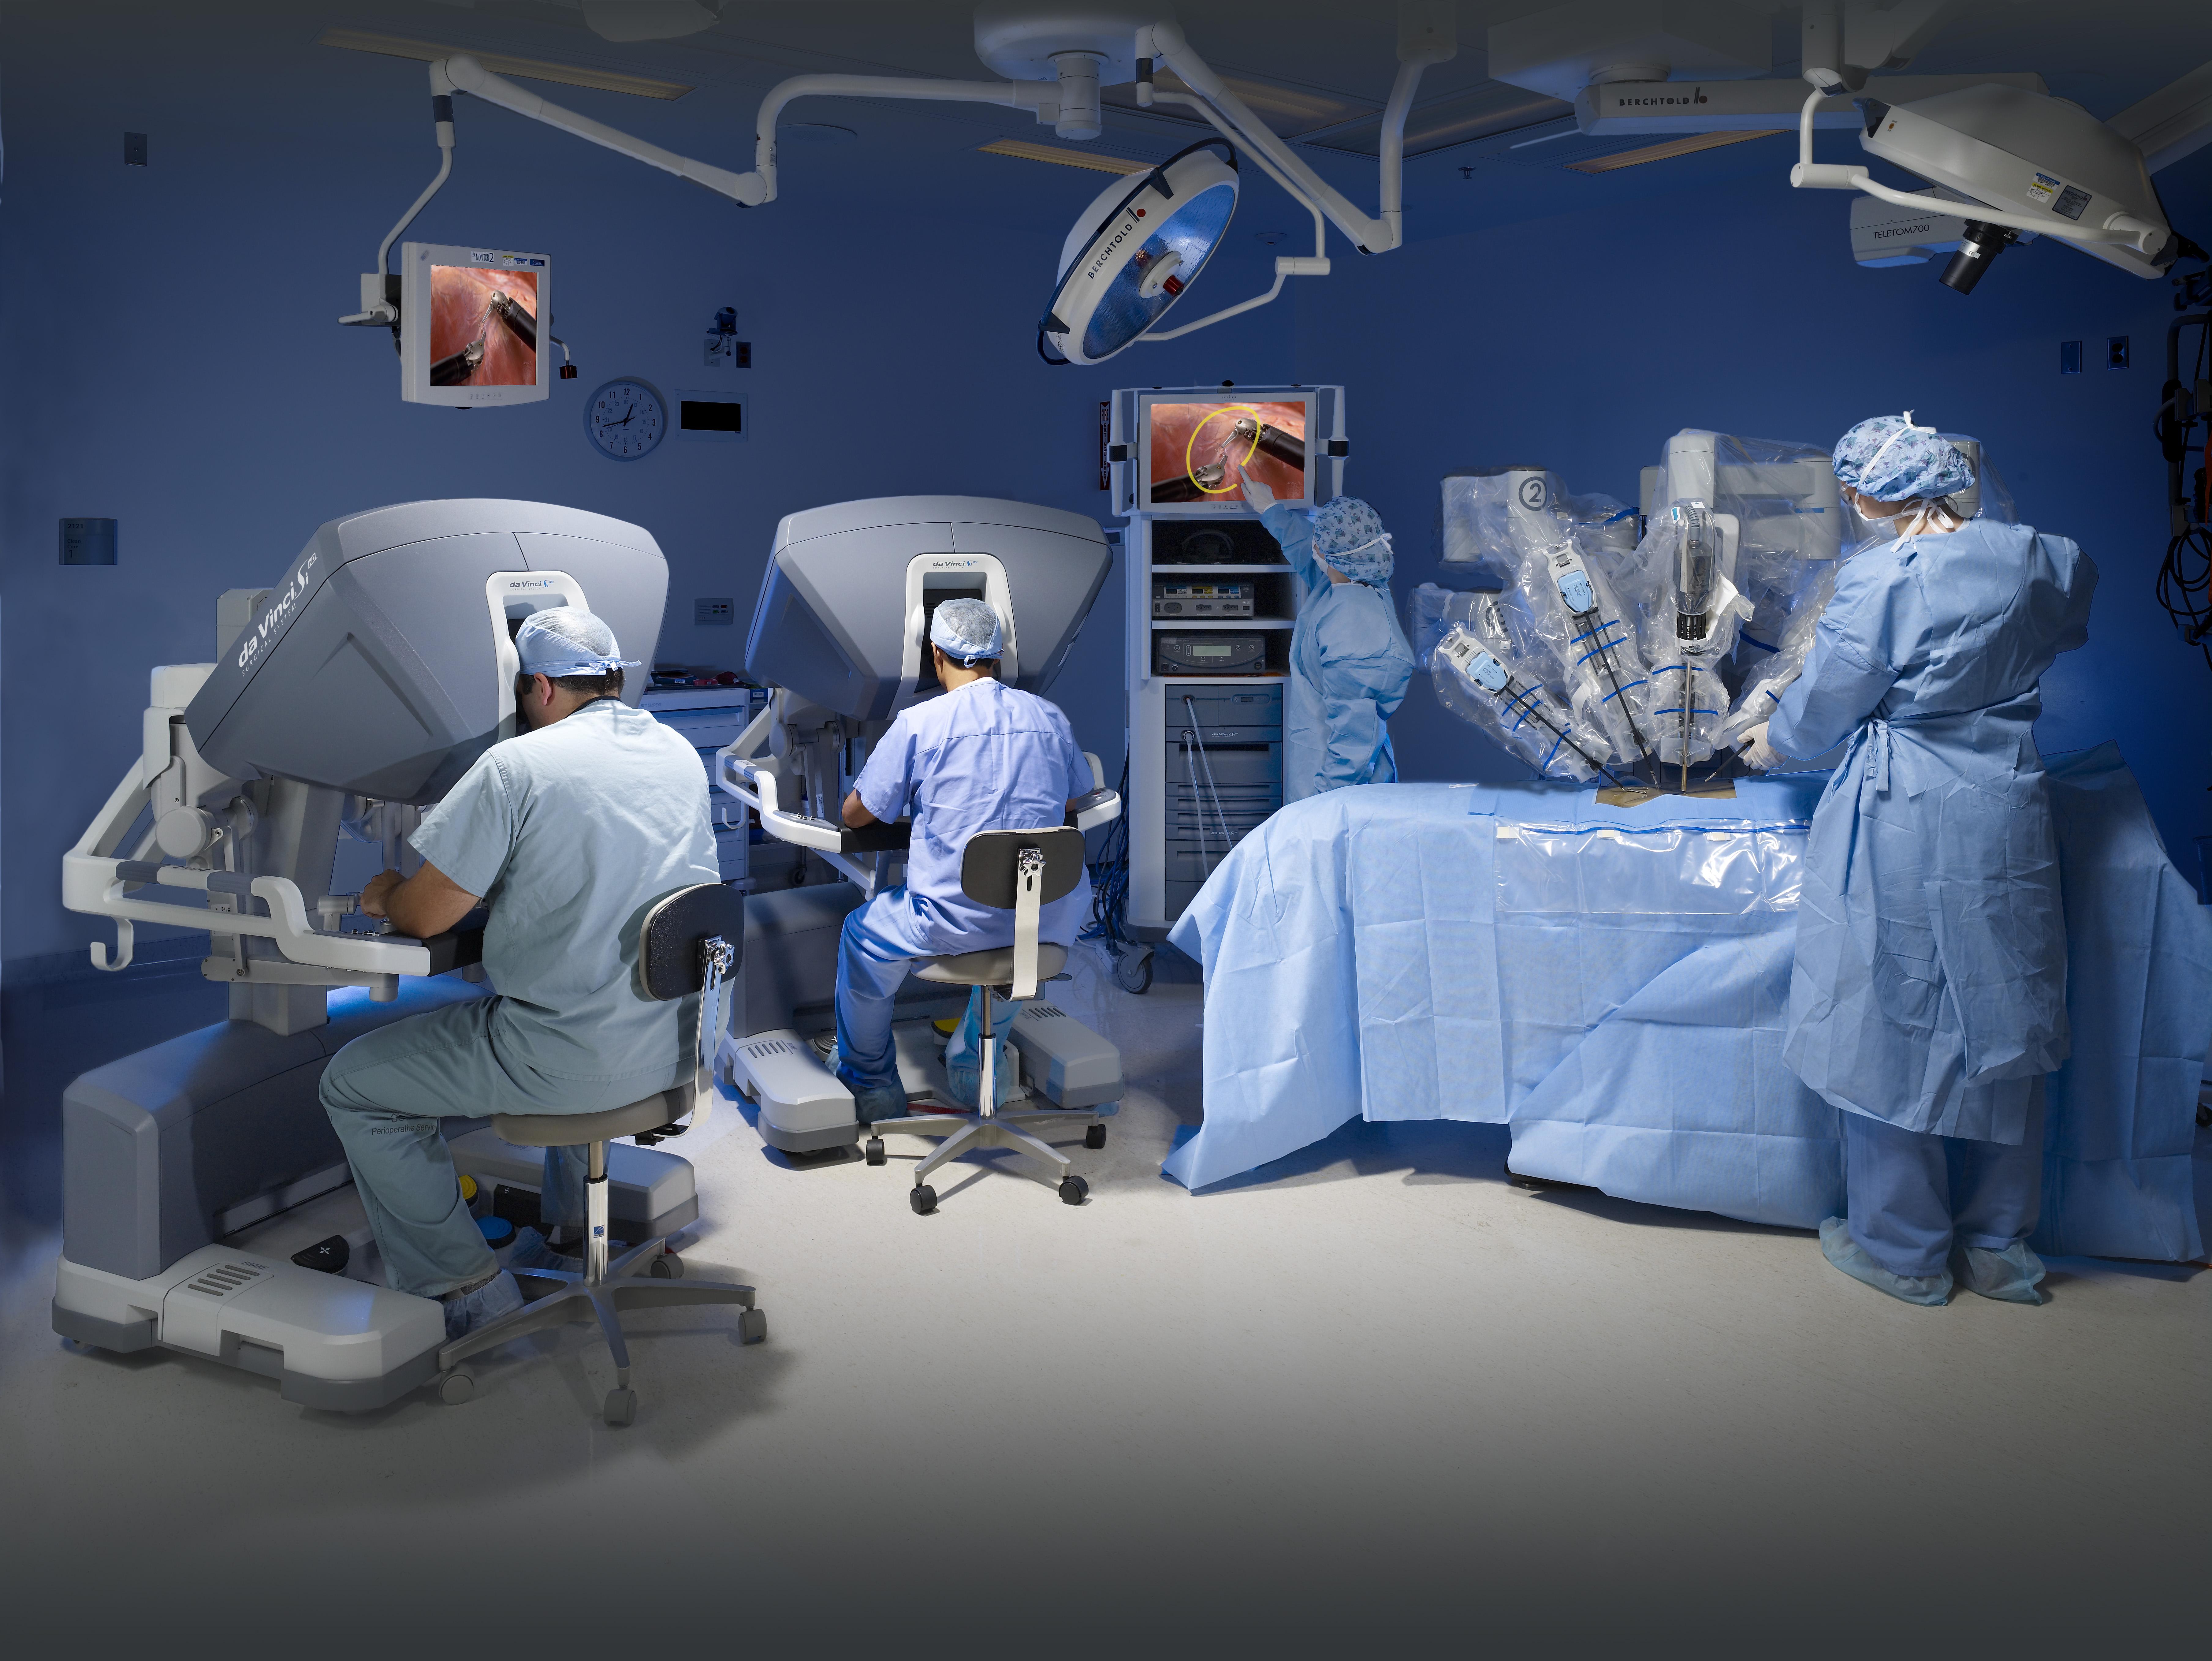 Η ρομποτική χειρουργική στη γυναικολογία με απλά λόγια